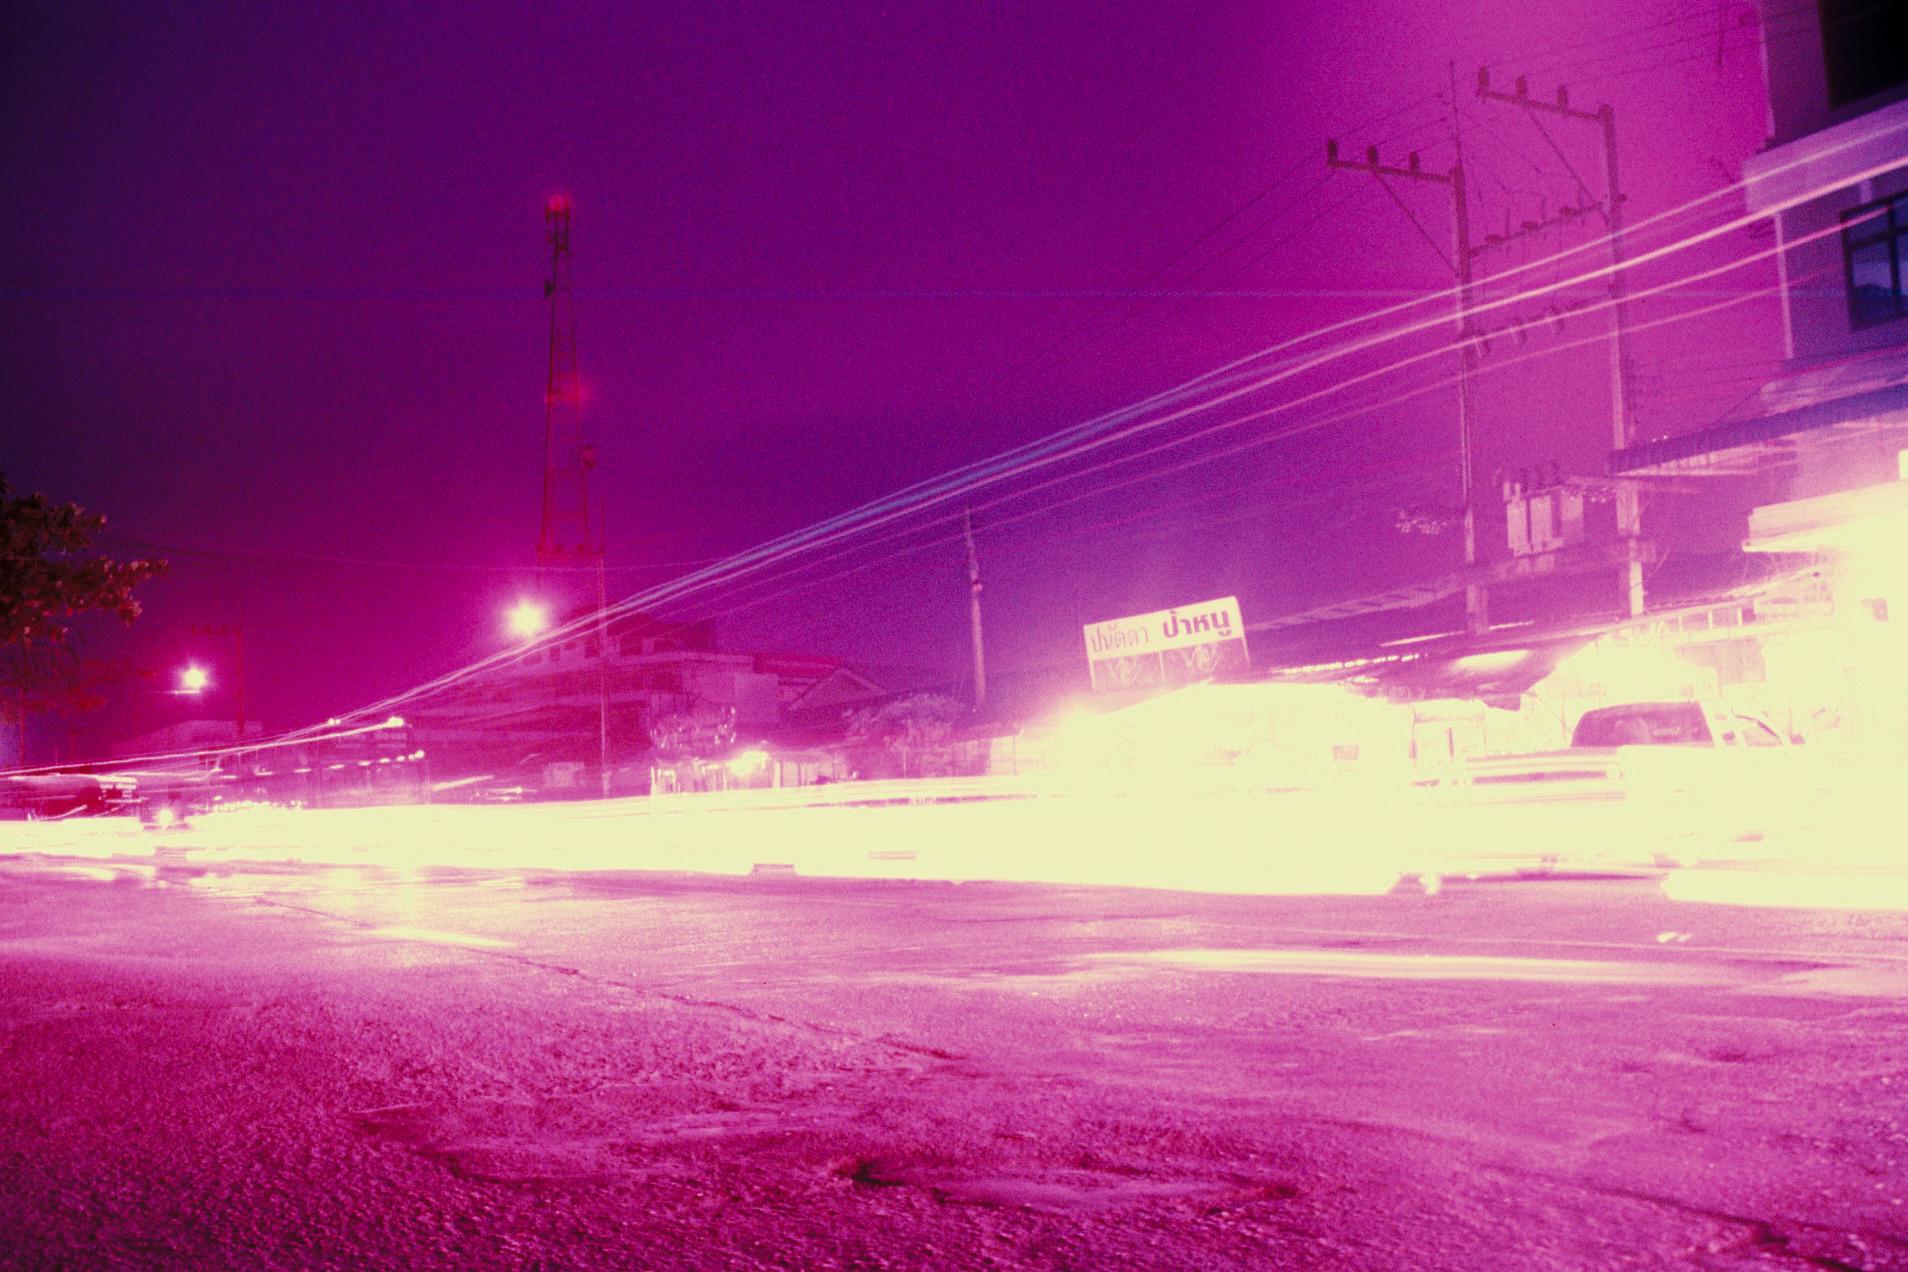 Lost in trafficjam